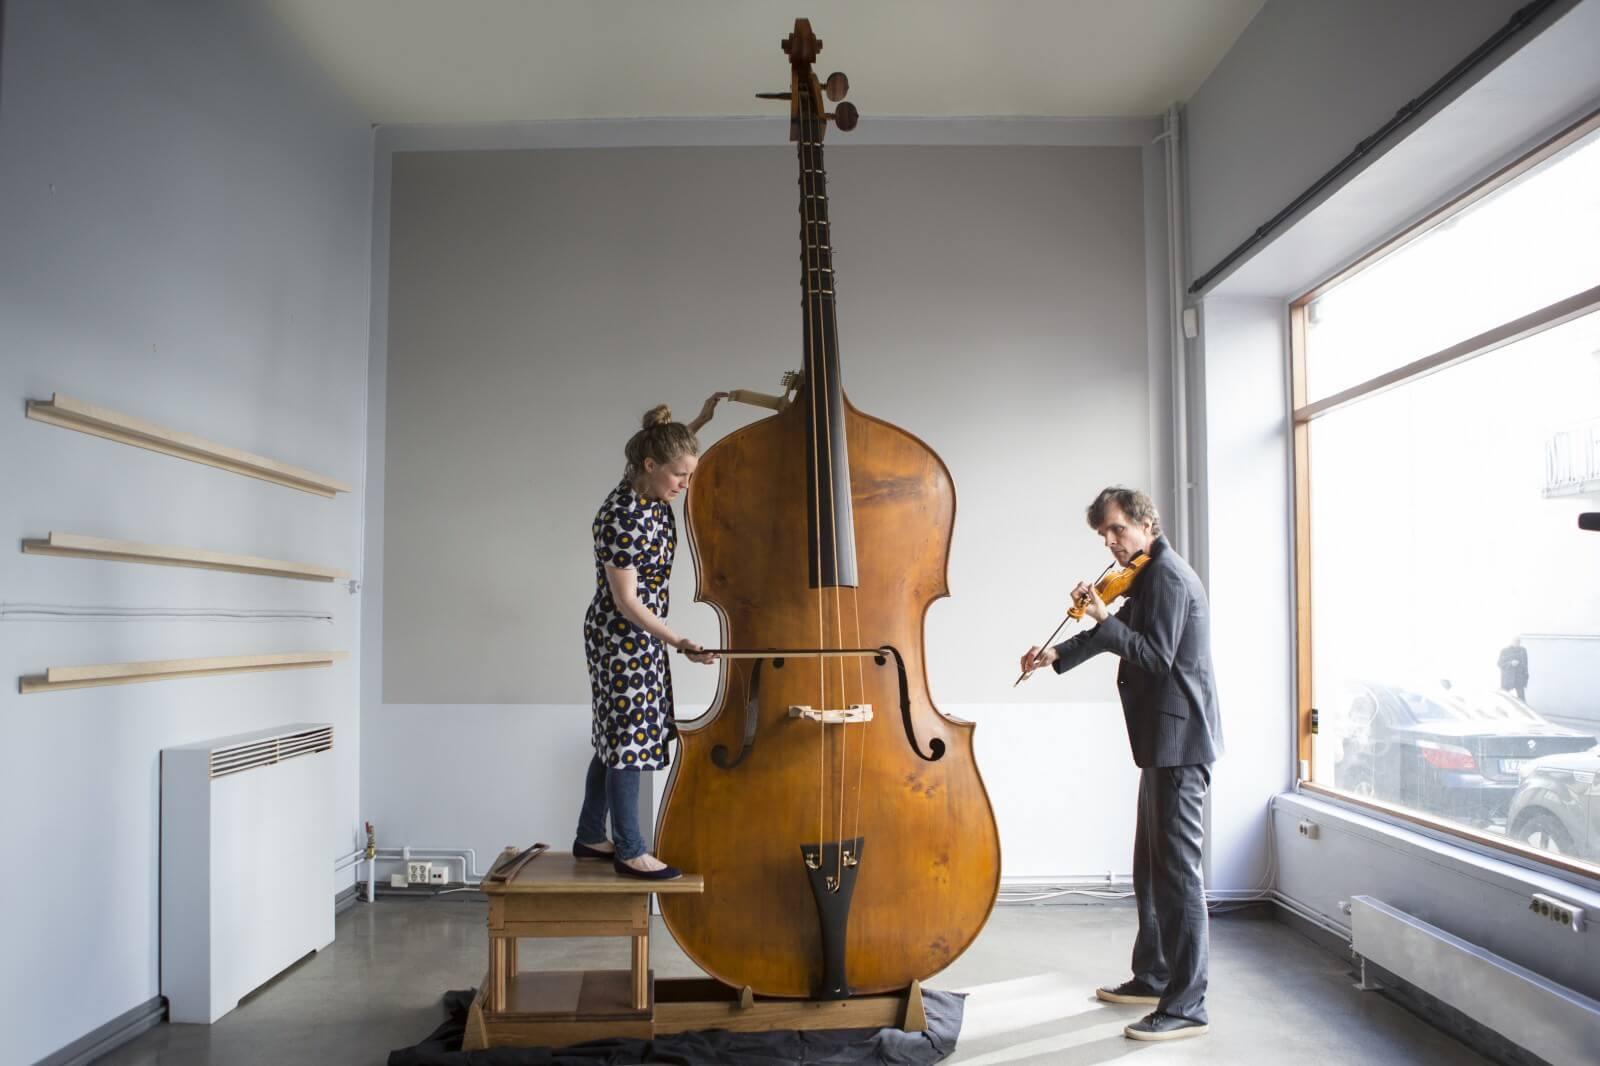 unusual instruments 1 (1)